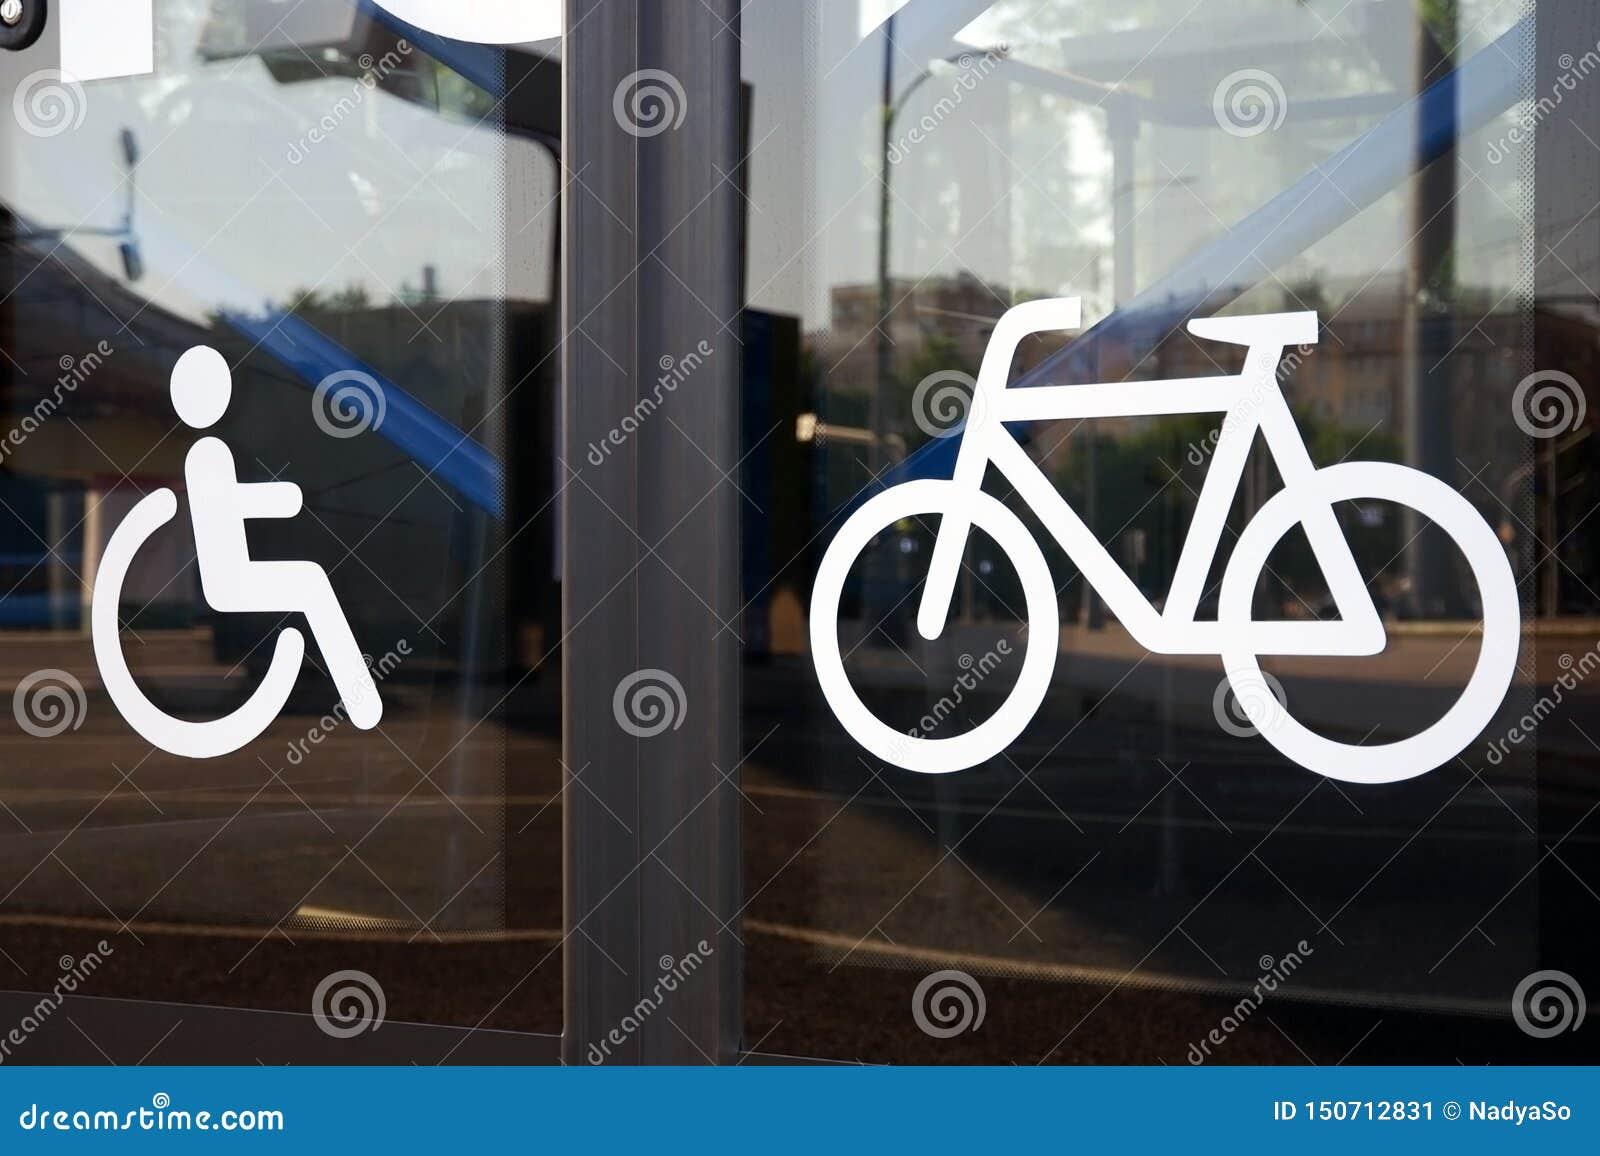 Pictogrammen voor gehandicapte persoon en fiets op de deuren van de glasbus, close-up